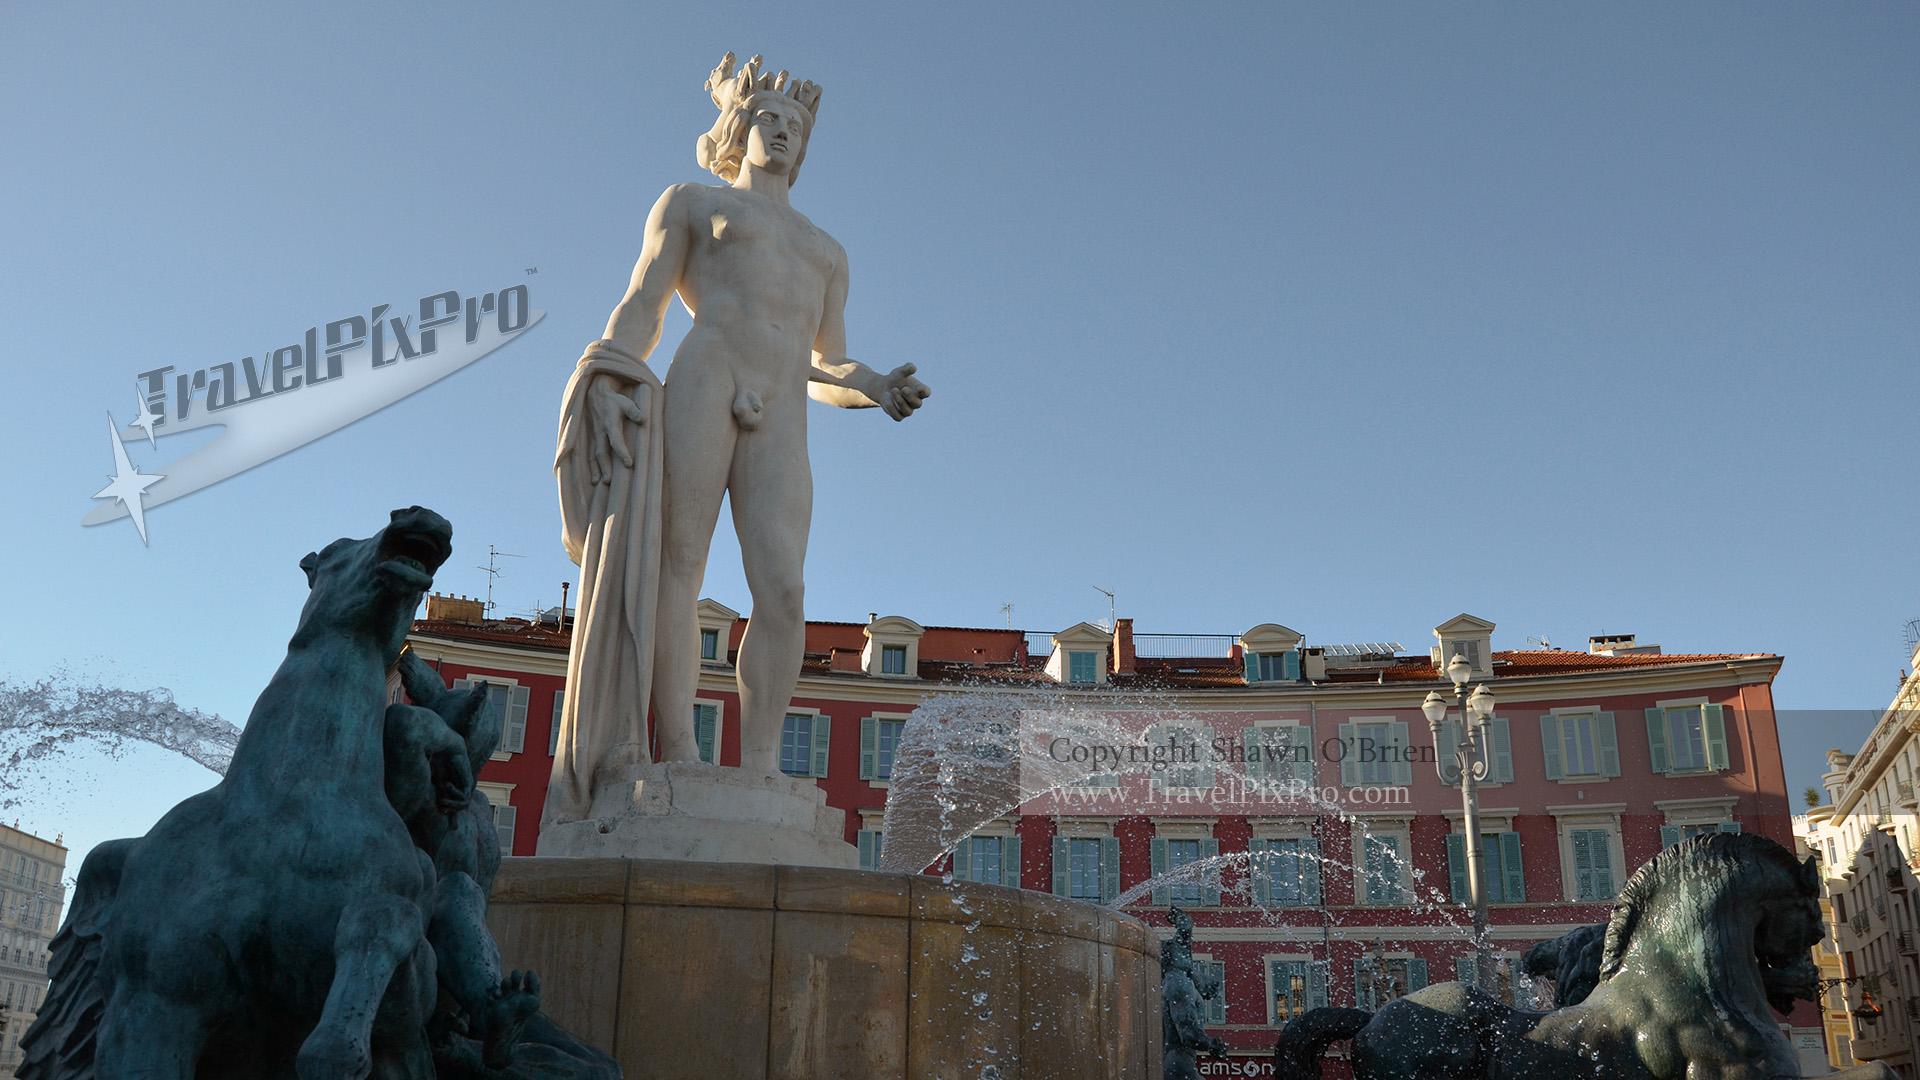 Apollo at Fountain of the Sun, Nice